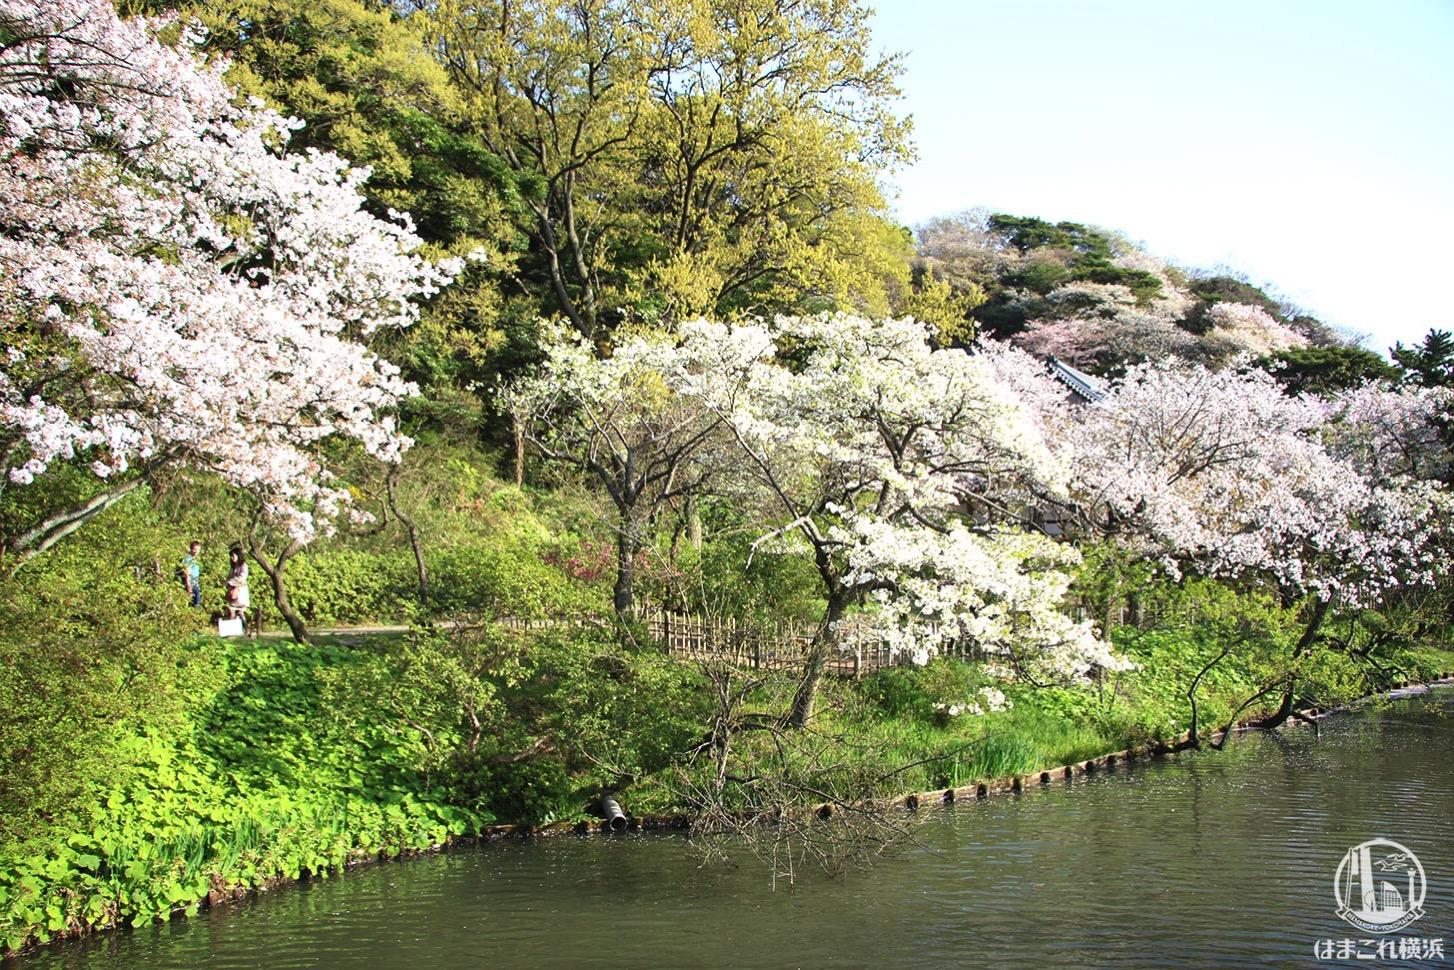 三渓園 池に向かって咲く桜